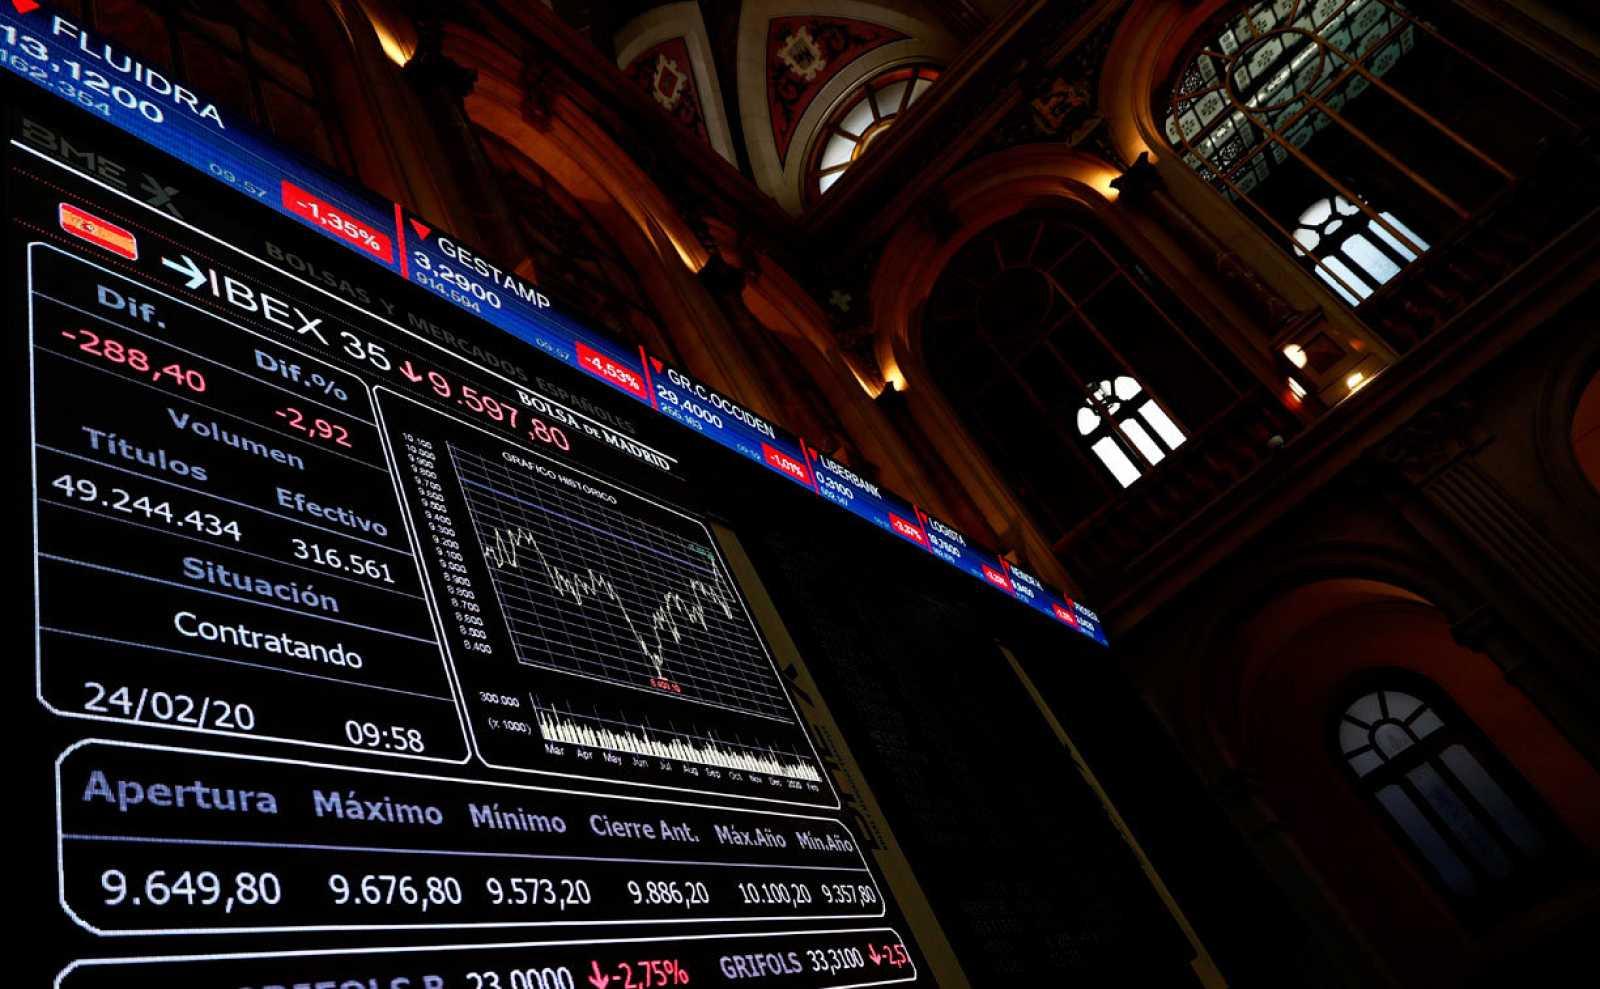 Un panel informativo muestra la evolución del IBEX 35 en el Palacio de la Bolsa en Madrid